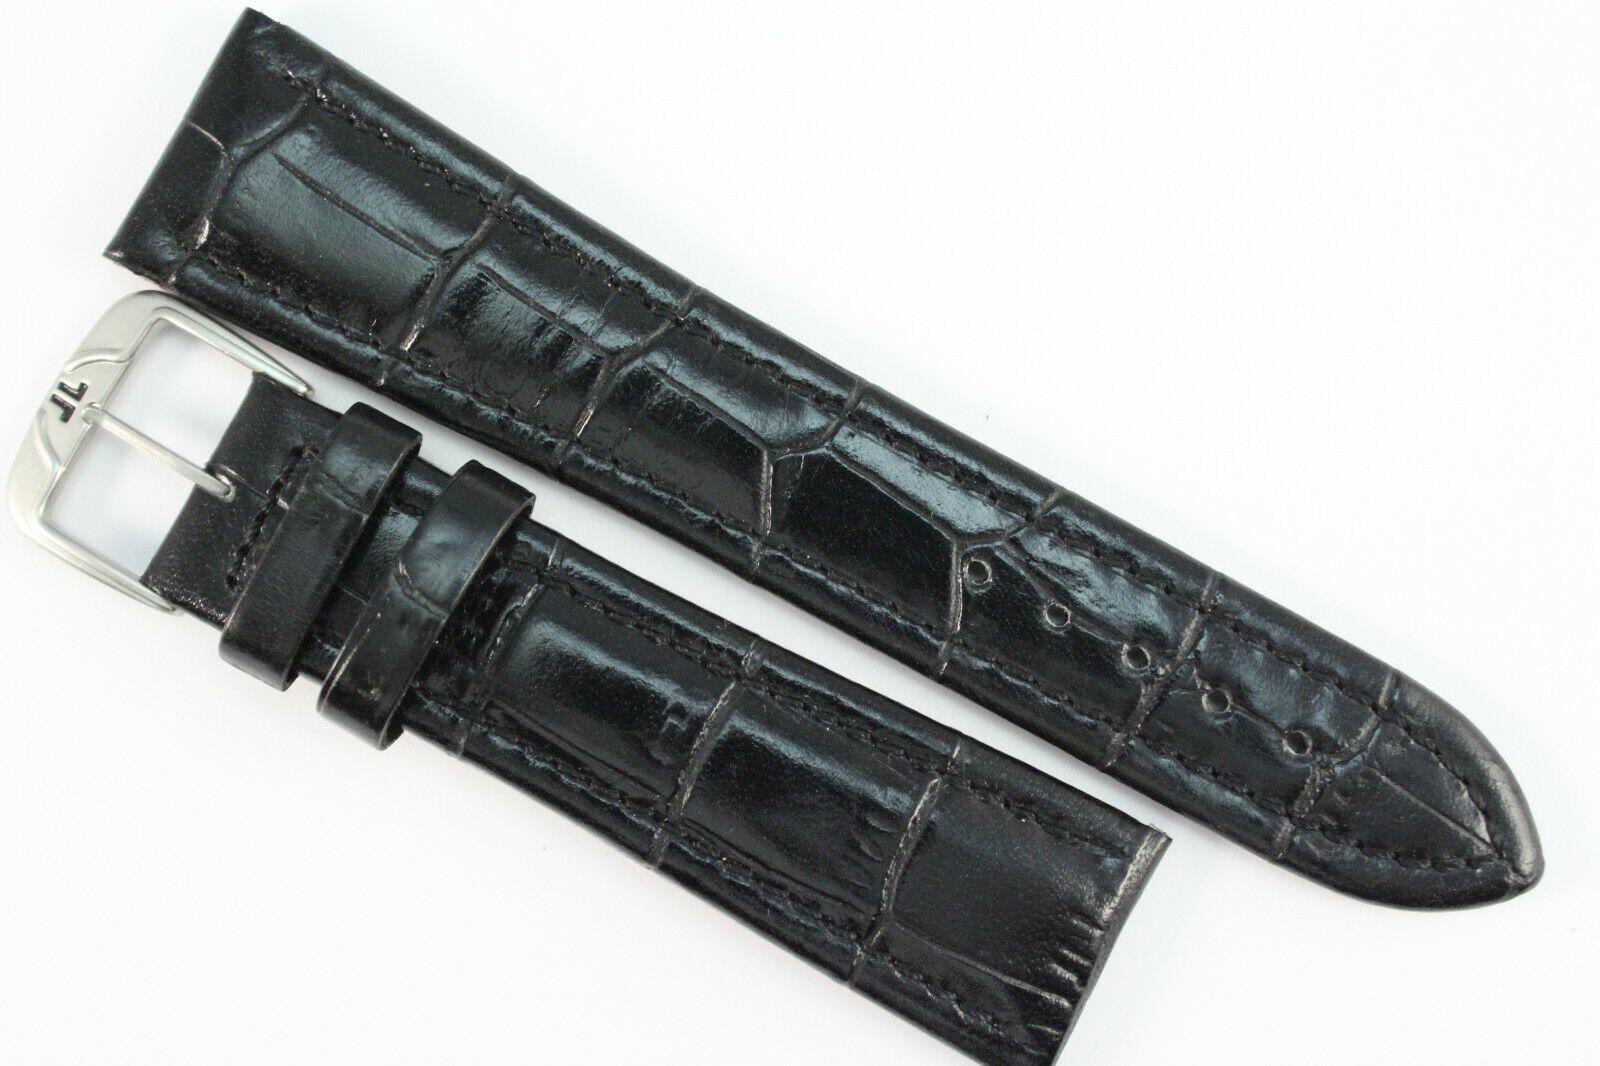 REVUE THOMMEN Uhrenarmband 22mm Kalbsleder Schwarz mit JL Schließe